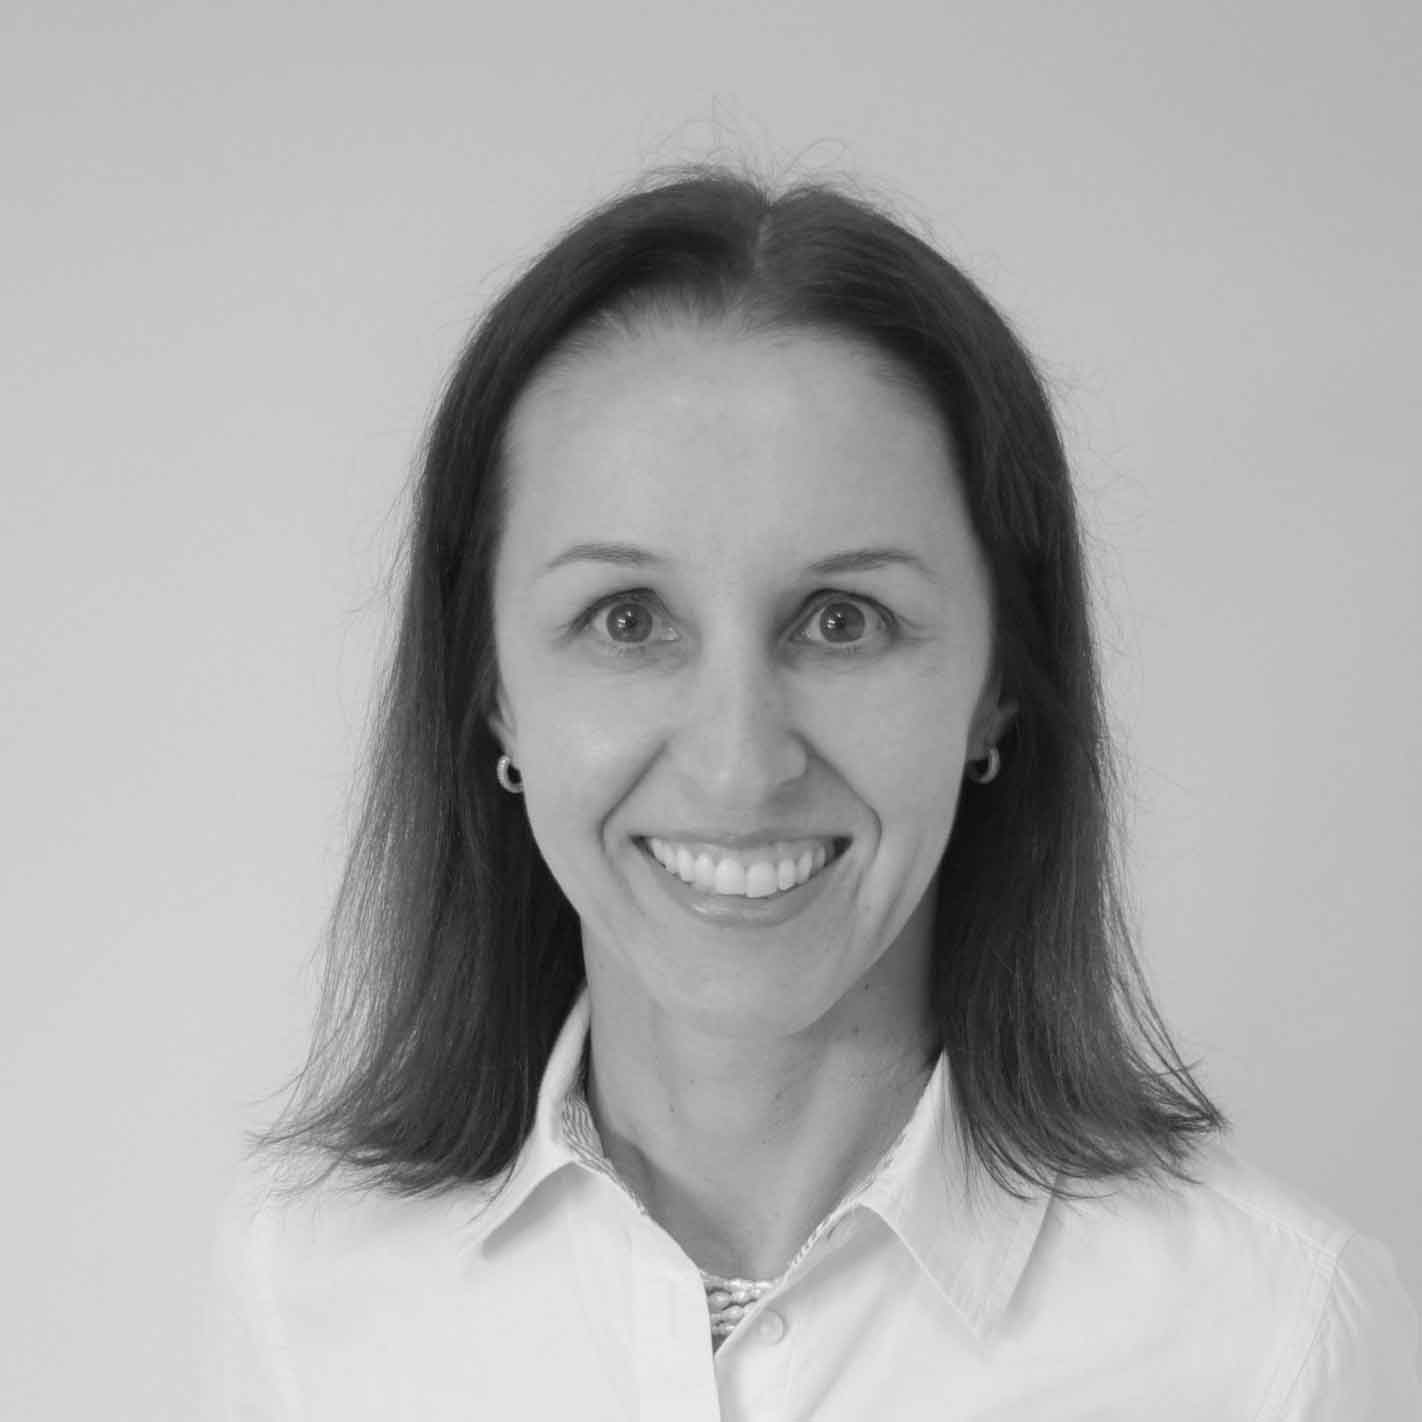 Claudia Pruner, Managing Director, Lateinamerika, SafeStart International, SafeStart Latin America, Profilbild, Portrait, schwarz-weiß, SafeStart, SafeStart International, SafeStart Germany, Sicherheitsgewohnheiten, sicherheitsrelevante Gewohnheiten, Arbeitssicherheit, Sicherheit am Arbeitsplatz, Betriebssicherheit, Sicherheitskultur verbessern, Sicherheitsbewusstsein stärken, Bewusstsein für Sicherheit verbessern, Unfallquoten senken, Unfallzahlen reduzieren, Unternehmenszahlen verbessern, Geschäftszahlen verbessern, kritische Fehler vermeiden, kritische Fehler verhindern, einen positiven Kulturwandel im Unternehmen umsetzen, Mitarbeiterengagement fördern, Mitarbeitereinsatz fördern, Mitarbeiter motivieren, Sicherheit 24/7, rund um die Uhr Sicherheit, sichere Verhaltensweisen, sicheres Verhalten erlernen, universelle Sicherheitsfähigkeiten erlernen, sicherheitsrelevante Fähigkeiten für die Familie, Sicherheitsfähigkeiten für die ganze Familie, sicheres Verhalten für Kinder, sicherheitsrelevante Fähigkeiten für jedermann, Sicherheitsfähigkeiten für alle, Sicherheitstraining für Mitarbeiter, Sicherheit für das ganze Unternehmen, sicherheitsrelevante Fähigkeiten für alle Mitarbeiter, Mitarbeiterverhalten sicher machen, operative Effizienz verbessern, organisatorische Effizienz verbessern, bessere operative Performance erreichen, Qualität verbessern, sicherheitsrelevante Gewohnheiten, sicherheitsrelevante Verhaltensweisen, Risikomuster, Risikoabschätzung, Gefährdungsabschätzung, High Performance gewährleisten, Top-Performance im Unternehmen erreichen, kritische Zustände, kritische persönliche Verfassung, kritische Entscheidungen, kritische Fehler vermeiden, wie Verletzungen passieren, Verletzungen vermeiden, wie man Verletzungen verhindern kann, Unfälle verhindern, wie man Unfälle vermeiden kann, menschliches Versagen reduzieren, menschlichem Versagen vorbeugen, gegen menschliches Versagen vorgehen, Strategie gegen menschliches Versagen, Unfälle reduzieren, Verletzunge